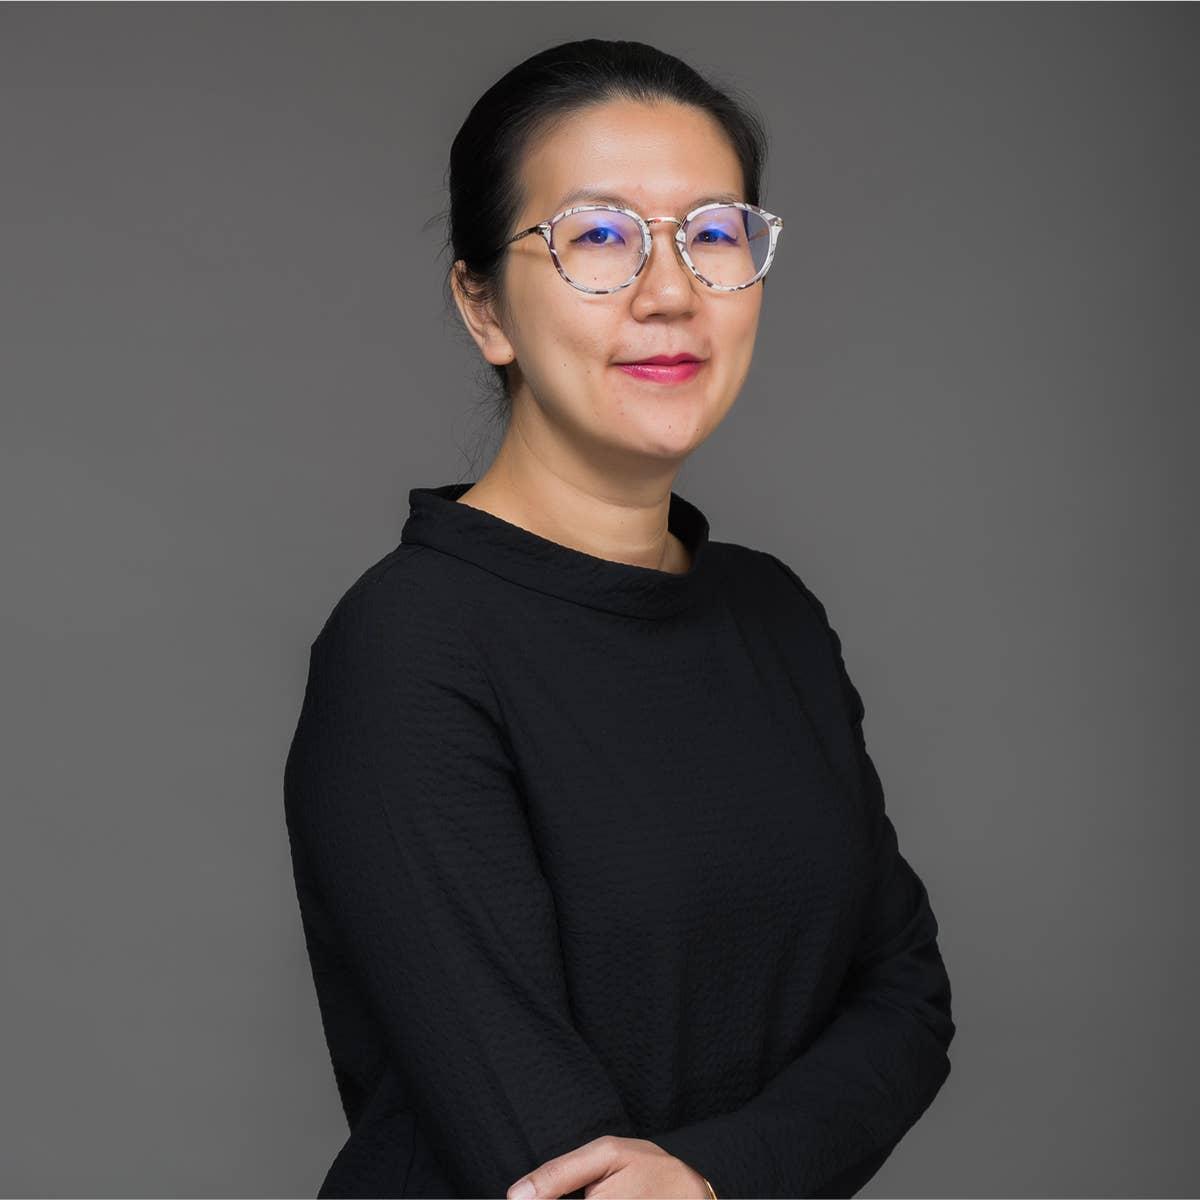 翁琬君 WAN-GYN ANG